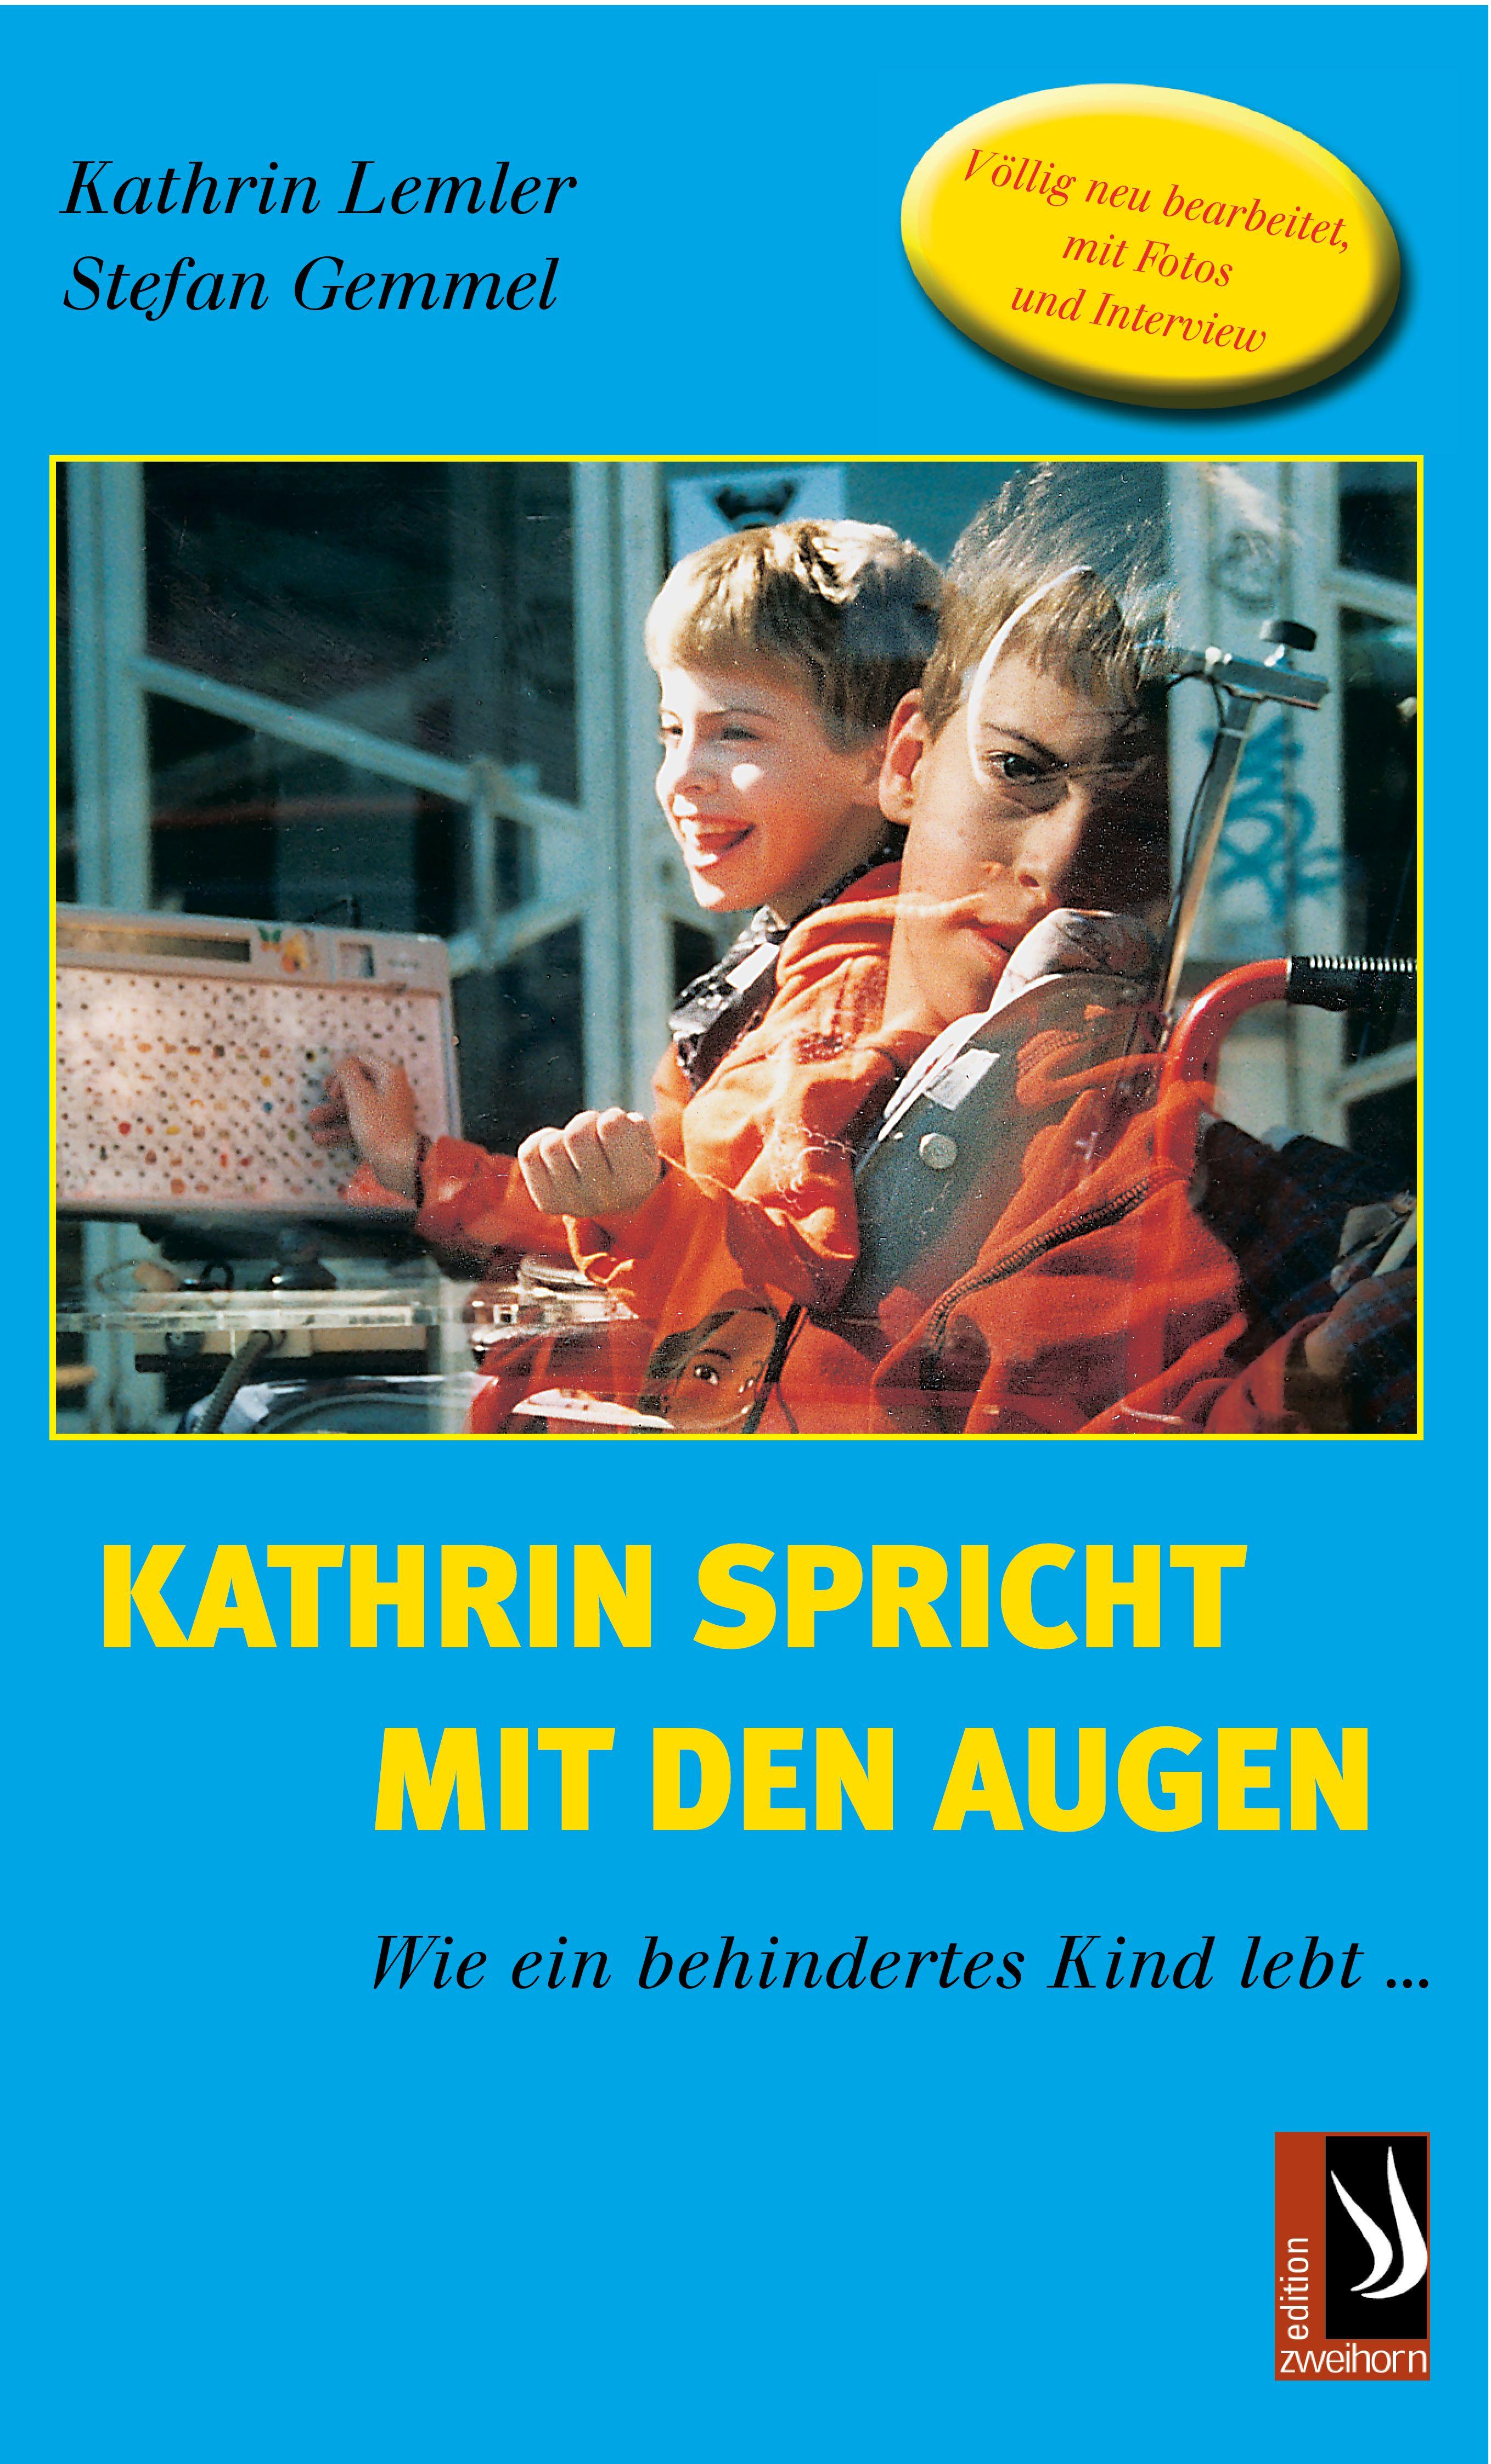 Kathrin Lemler Kathrin spricht mit den Augen - Wie ein behindertes Kind lebt edmund hoefer wie das volk spricht sprichwortliche redensarten